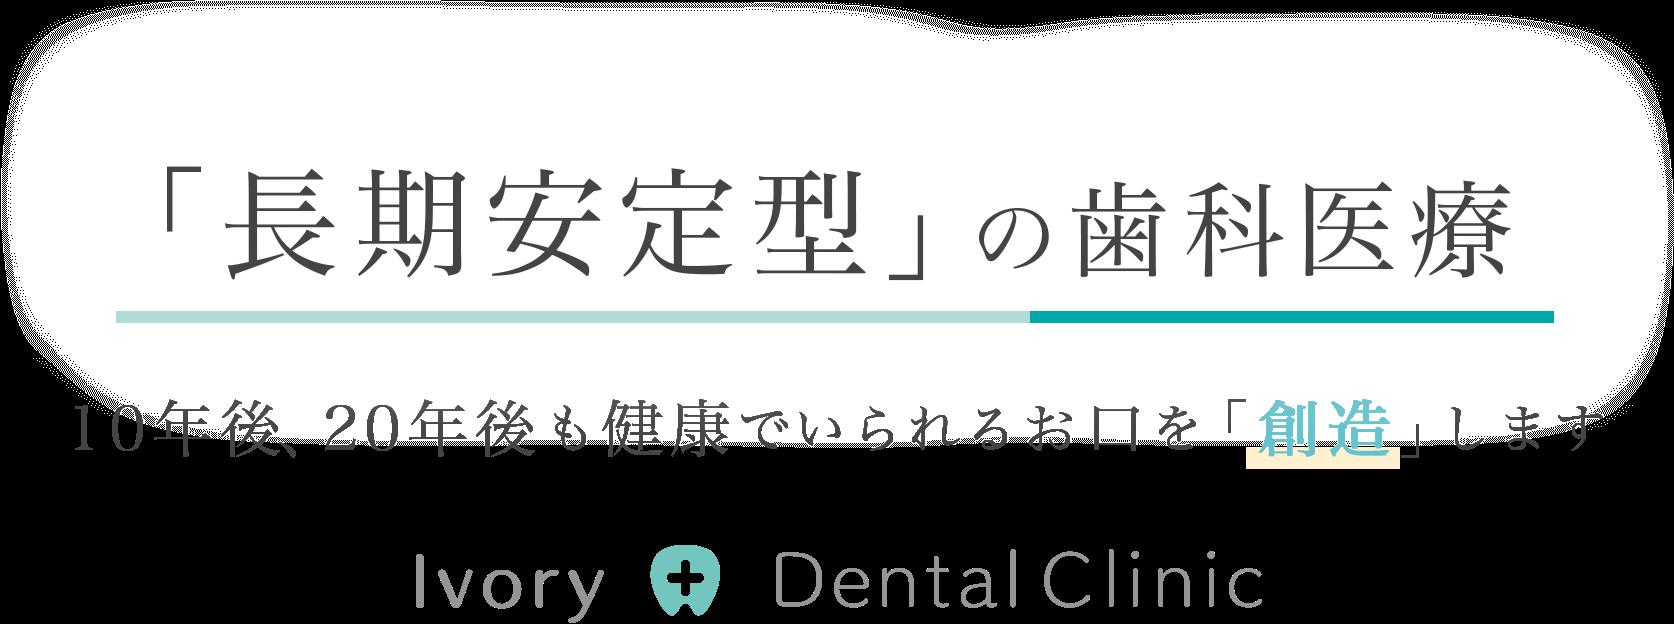 「長期安定型」の歯科医療10年後、20年後も健康でいられるお口を「創造」します